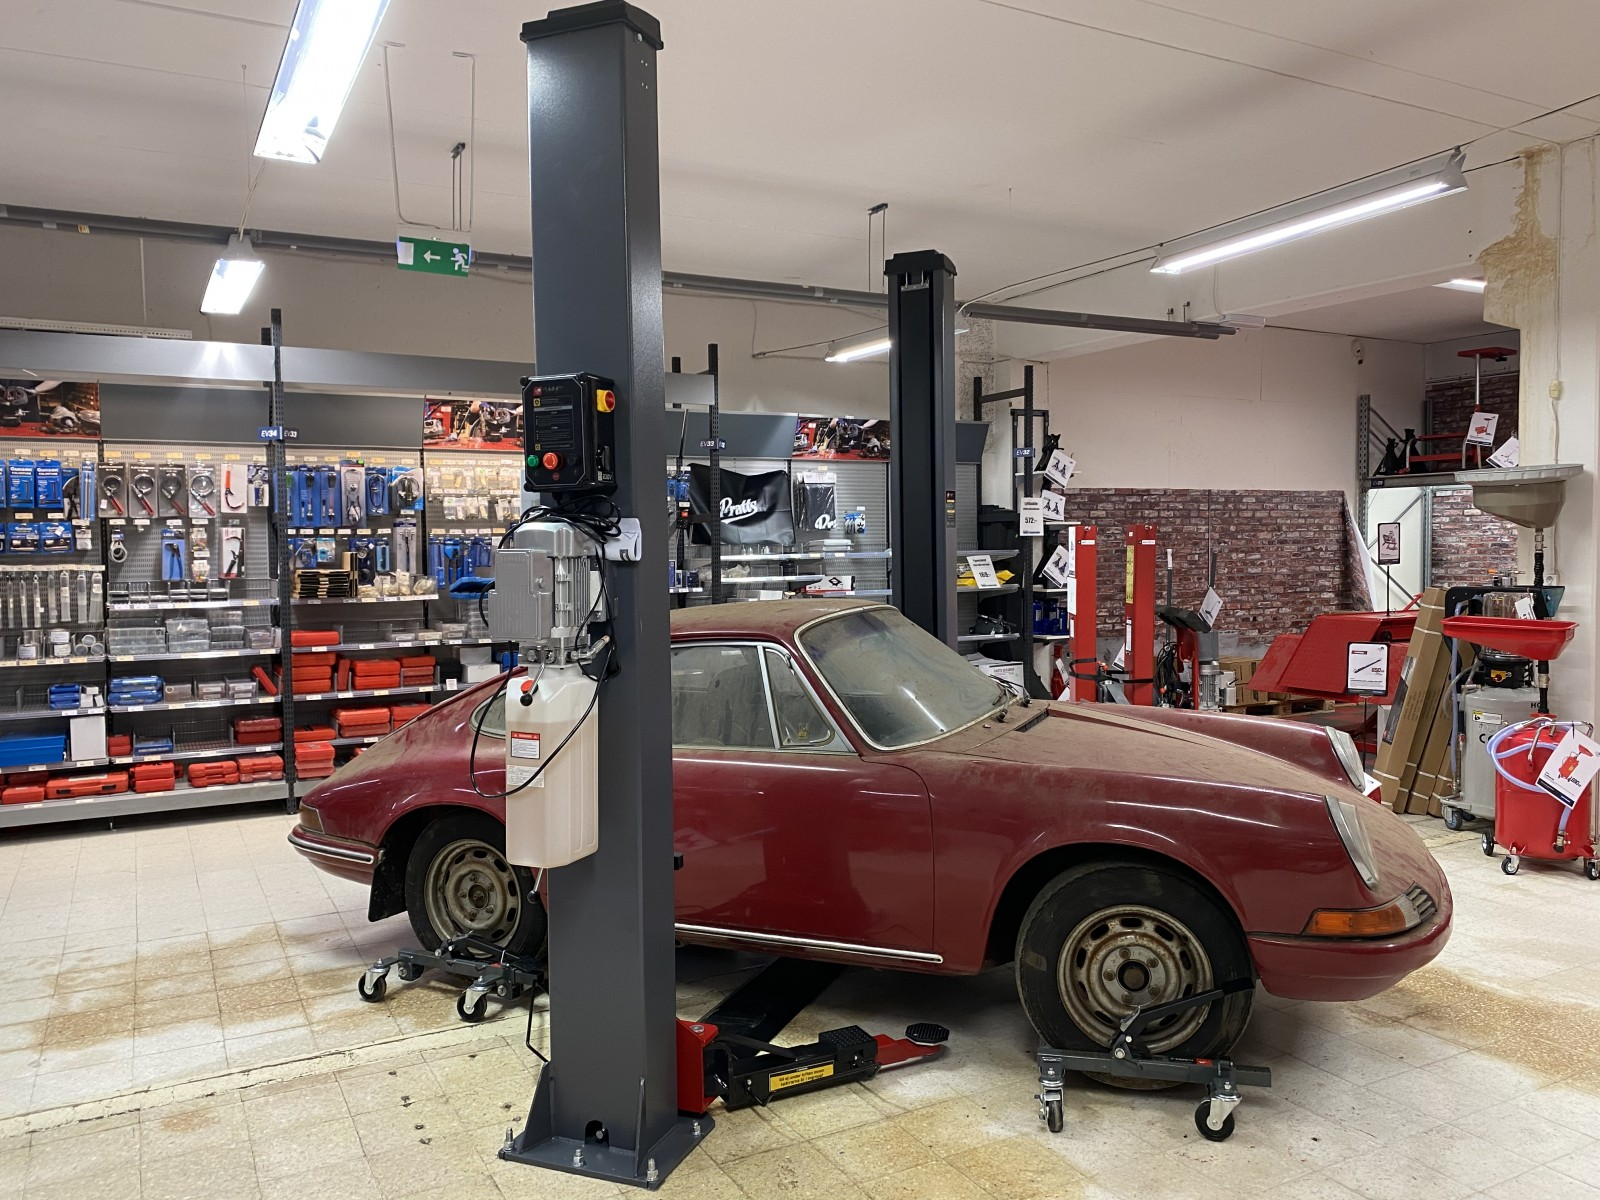 Porschebärgning med komplikationer